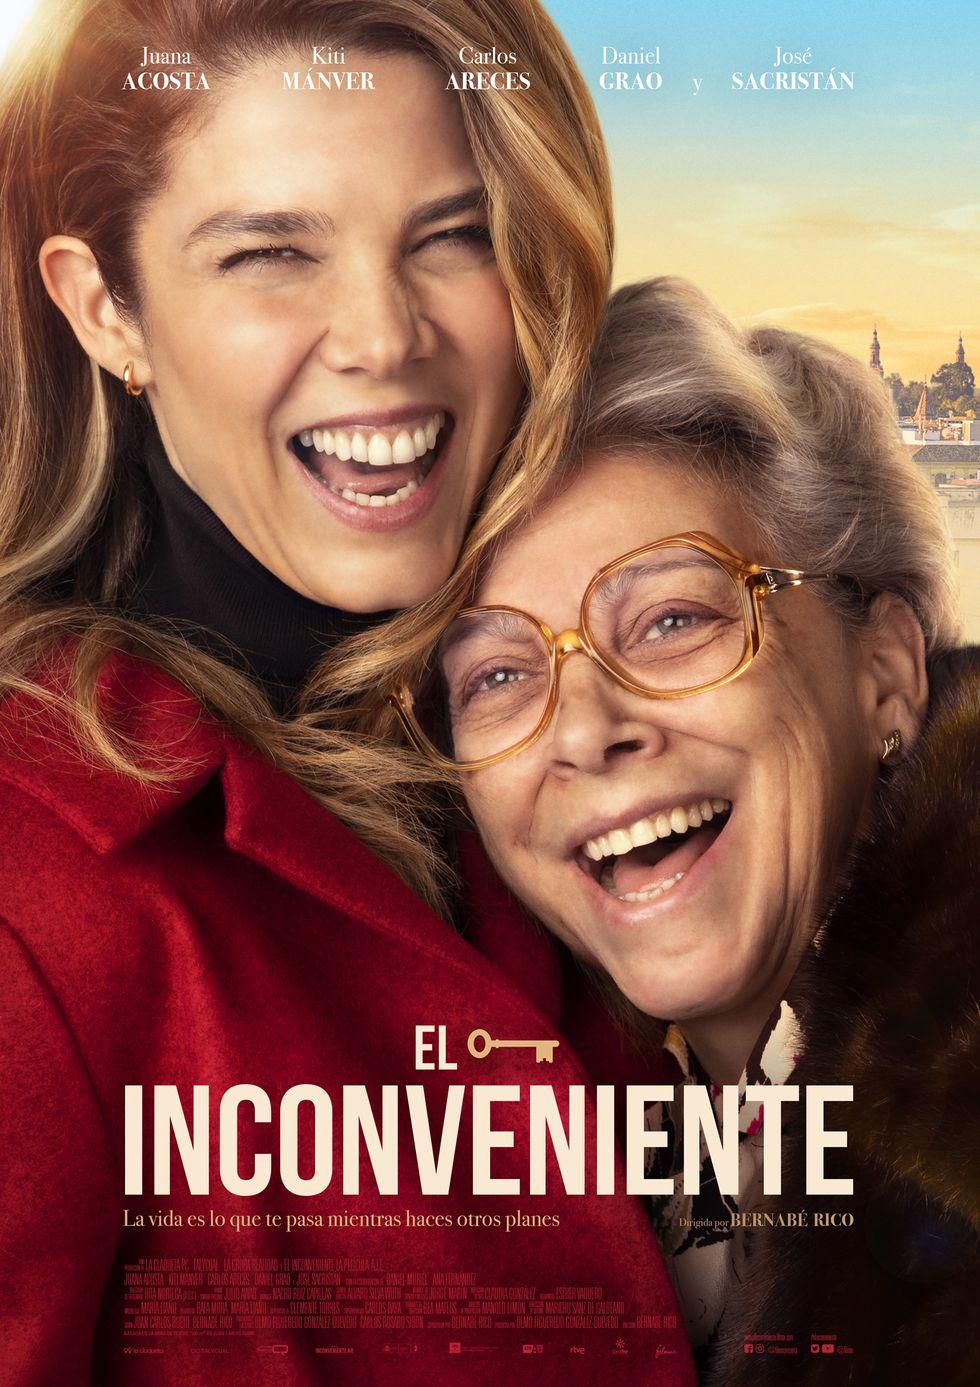 El inconveniente, de Bernabé Rico. Festival Nuevo Cine Andaluz 2021